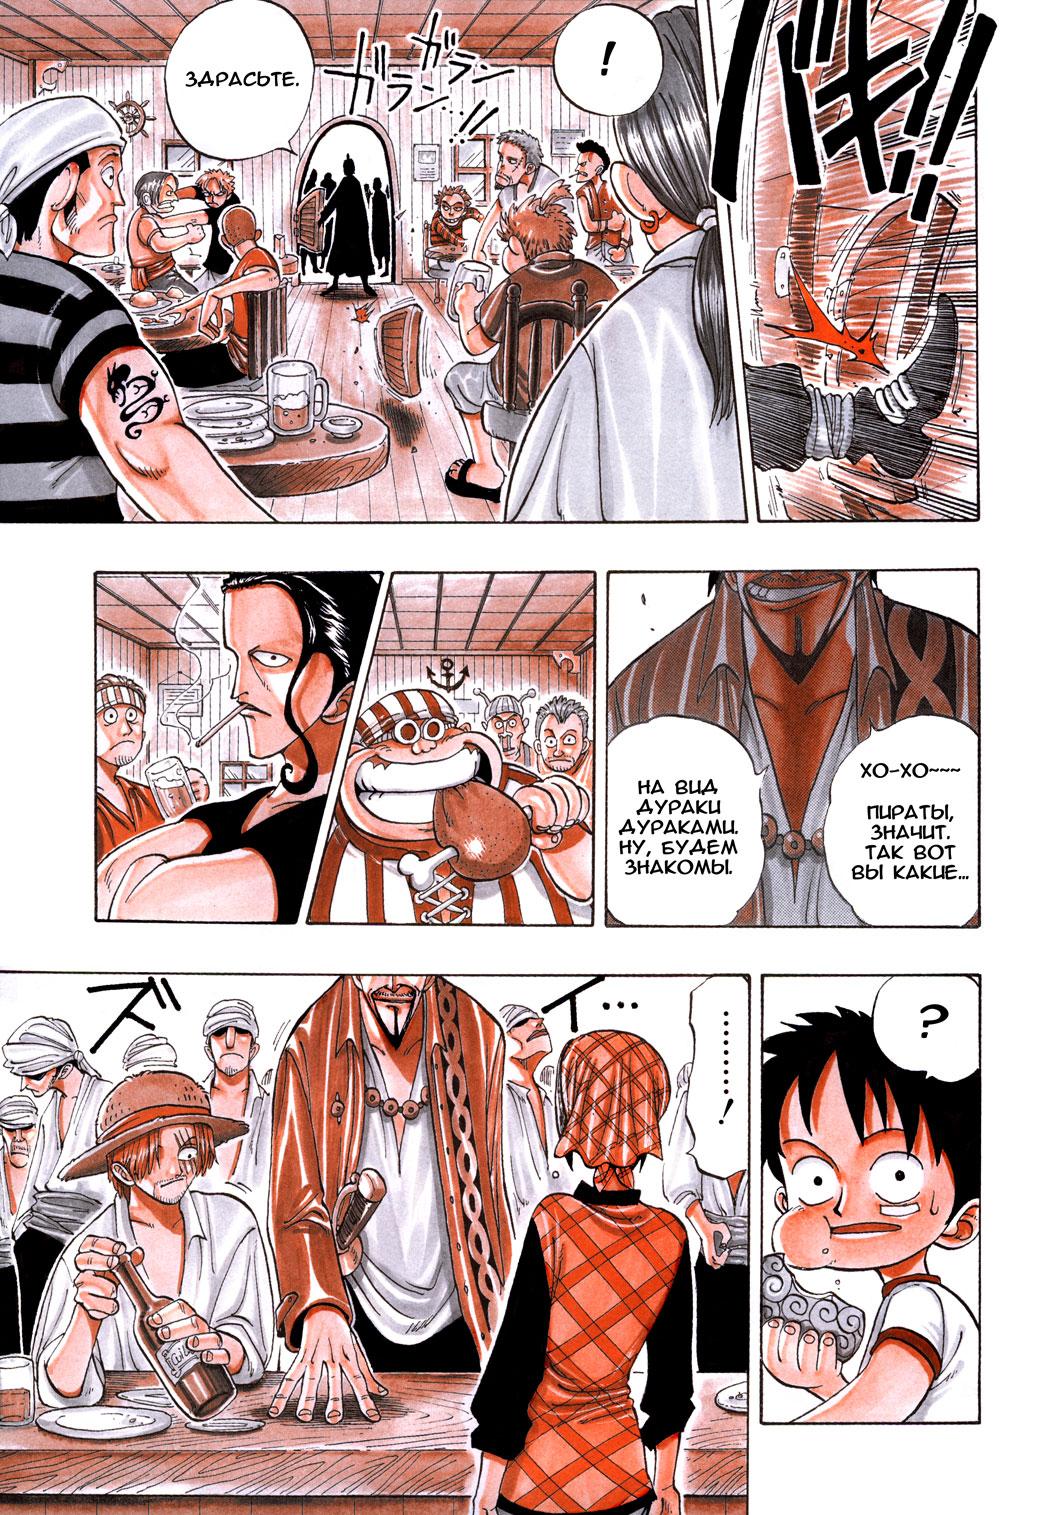 manga-24-van-pis